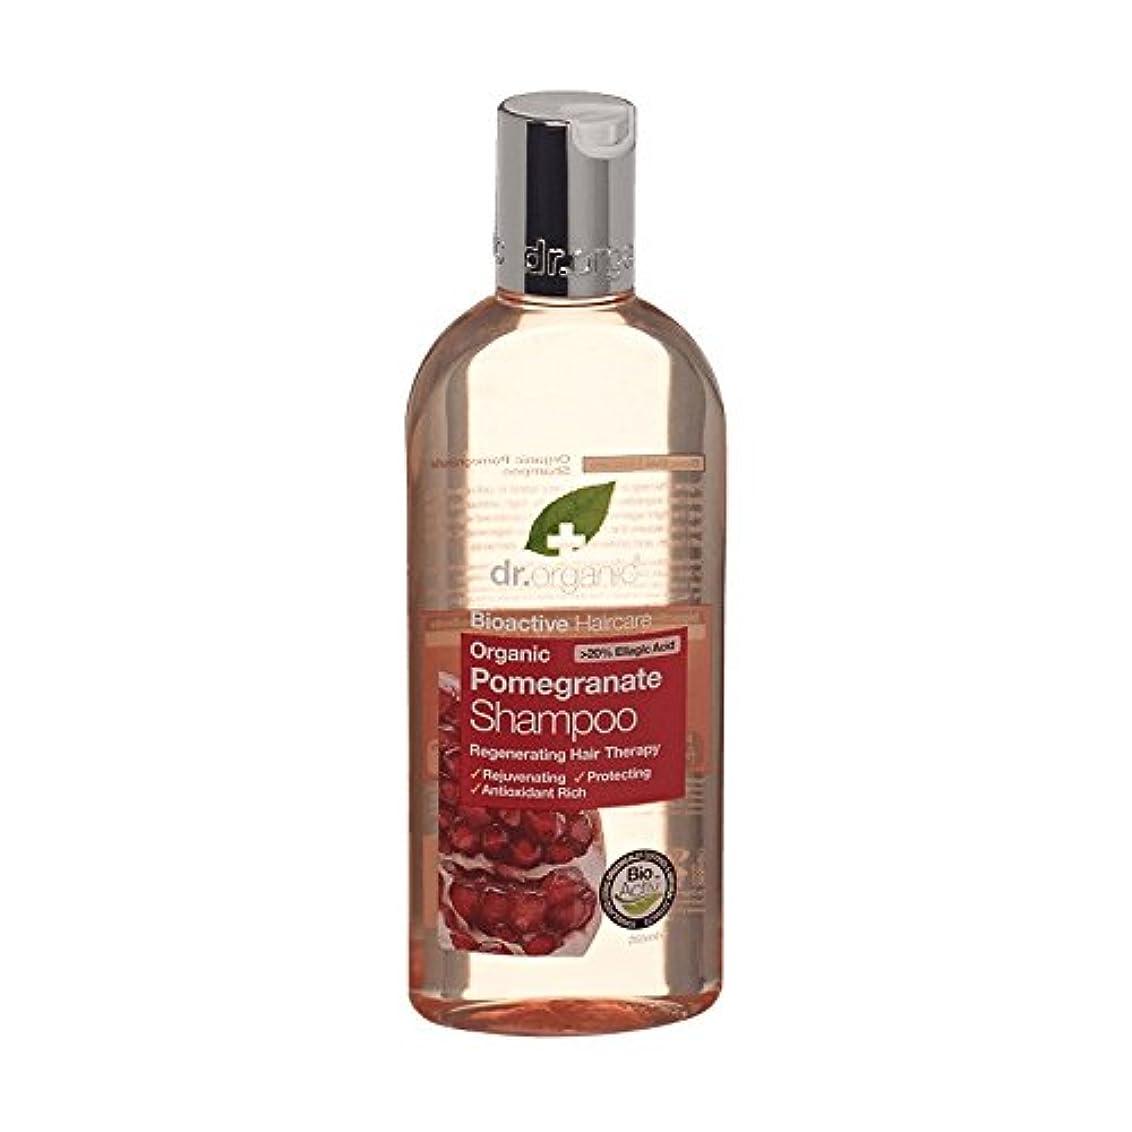 鳥財団散髪Dr有機ザクロシャンプー - Dr Organic Pomegranate Shampoo (Dr Organic) [並行輸入品]